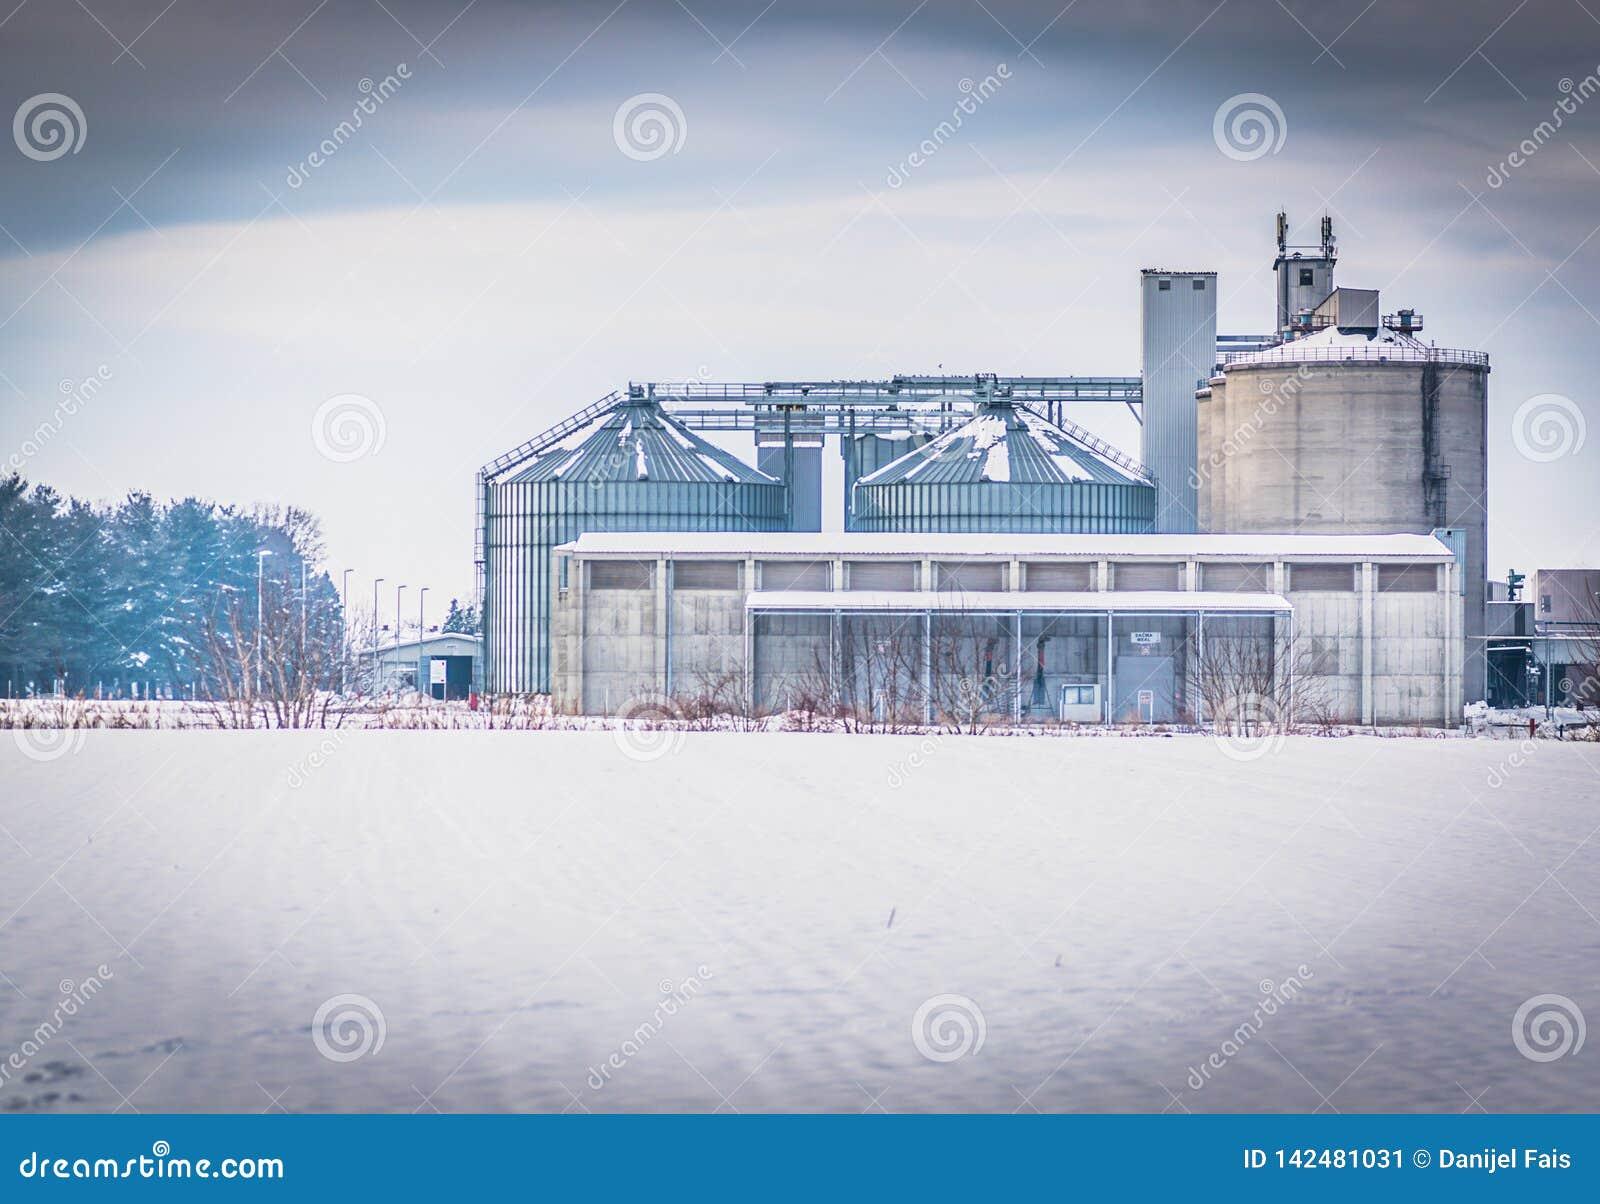 Белое изображение industy комплекса, фабрики масла sunfloer